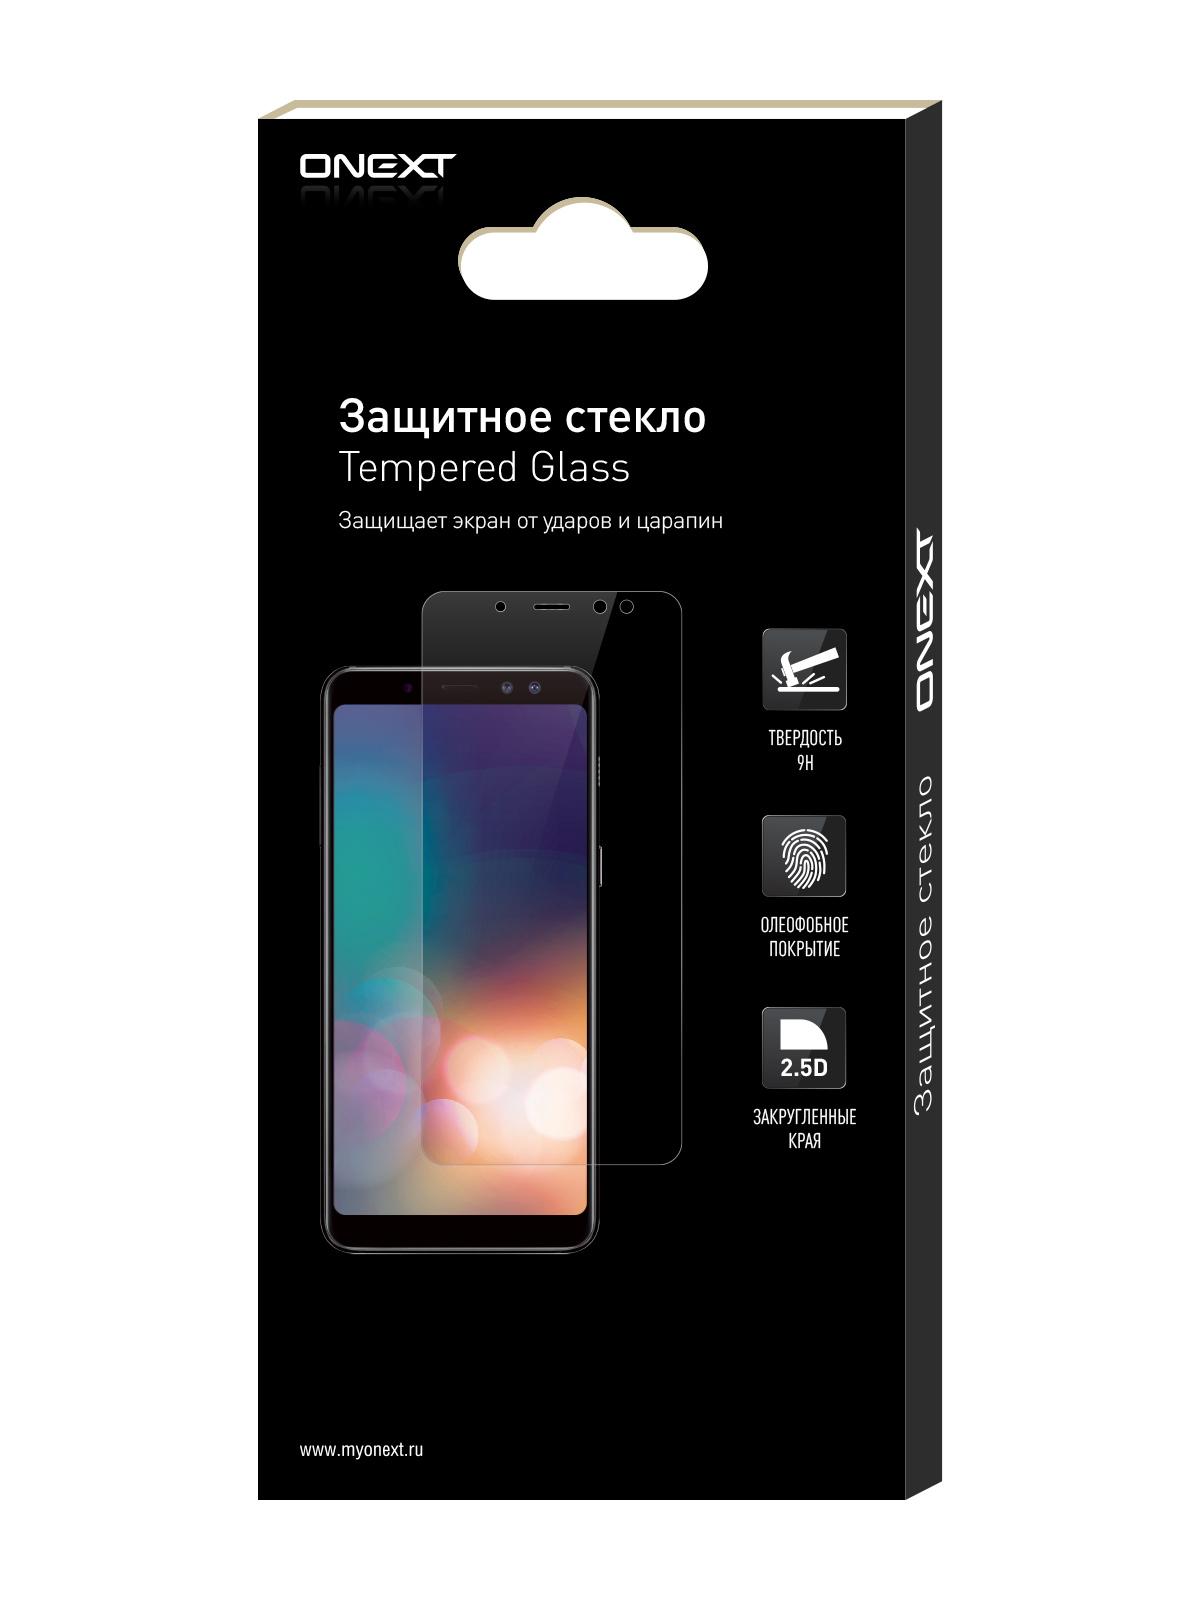 Защитное стекло ONEXT для Samsung Galaxy J2 Prime